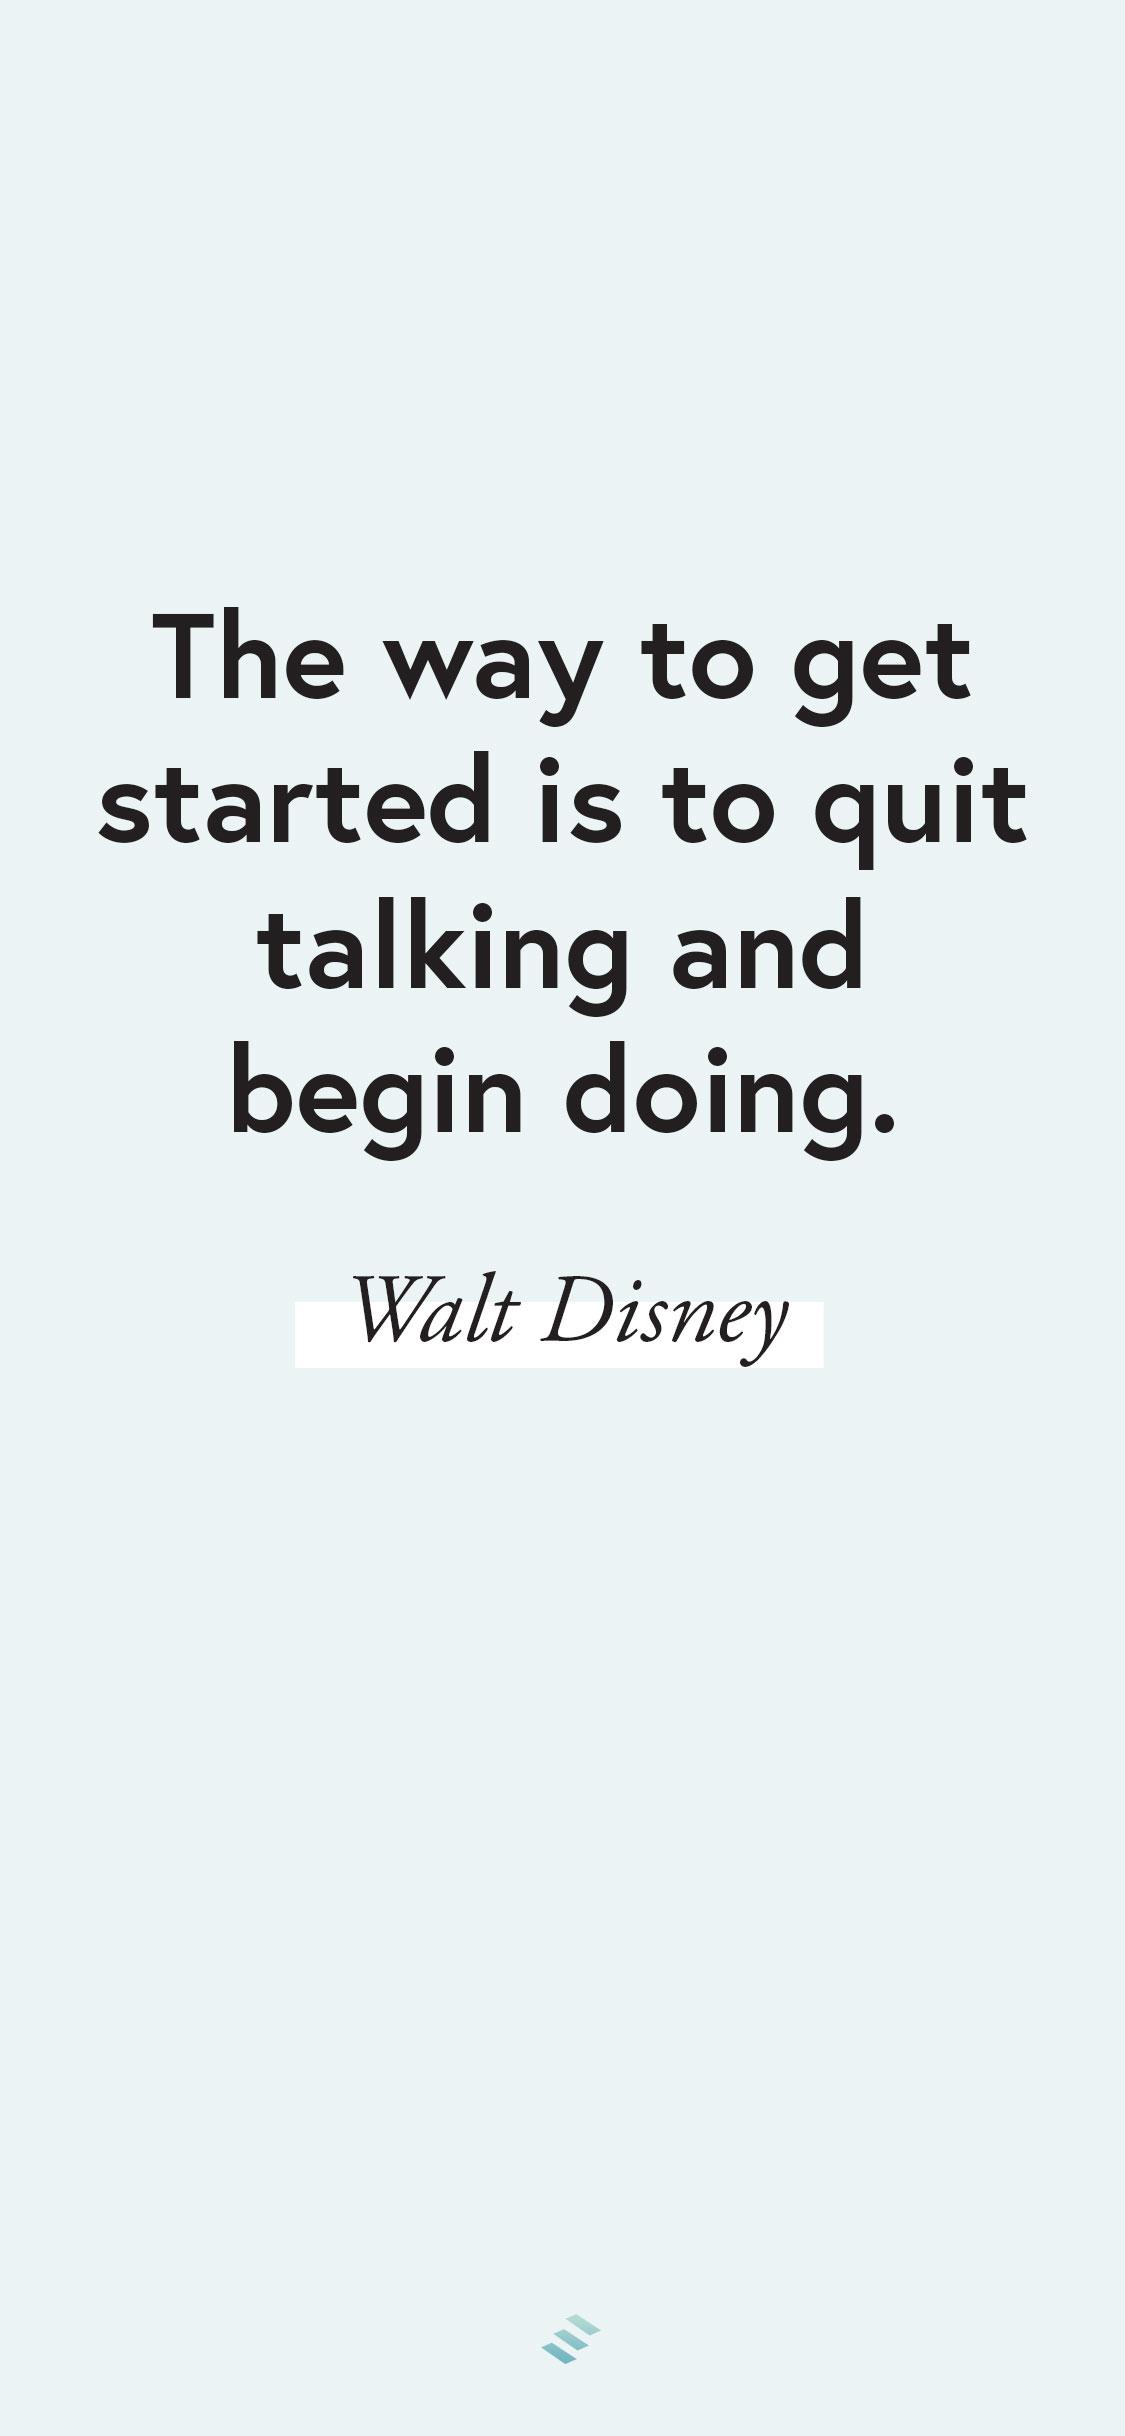 a walt disney quote wallpaper